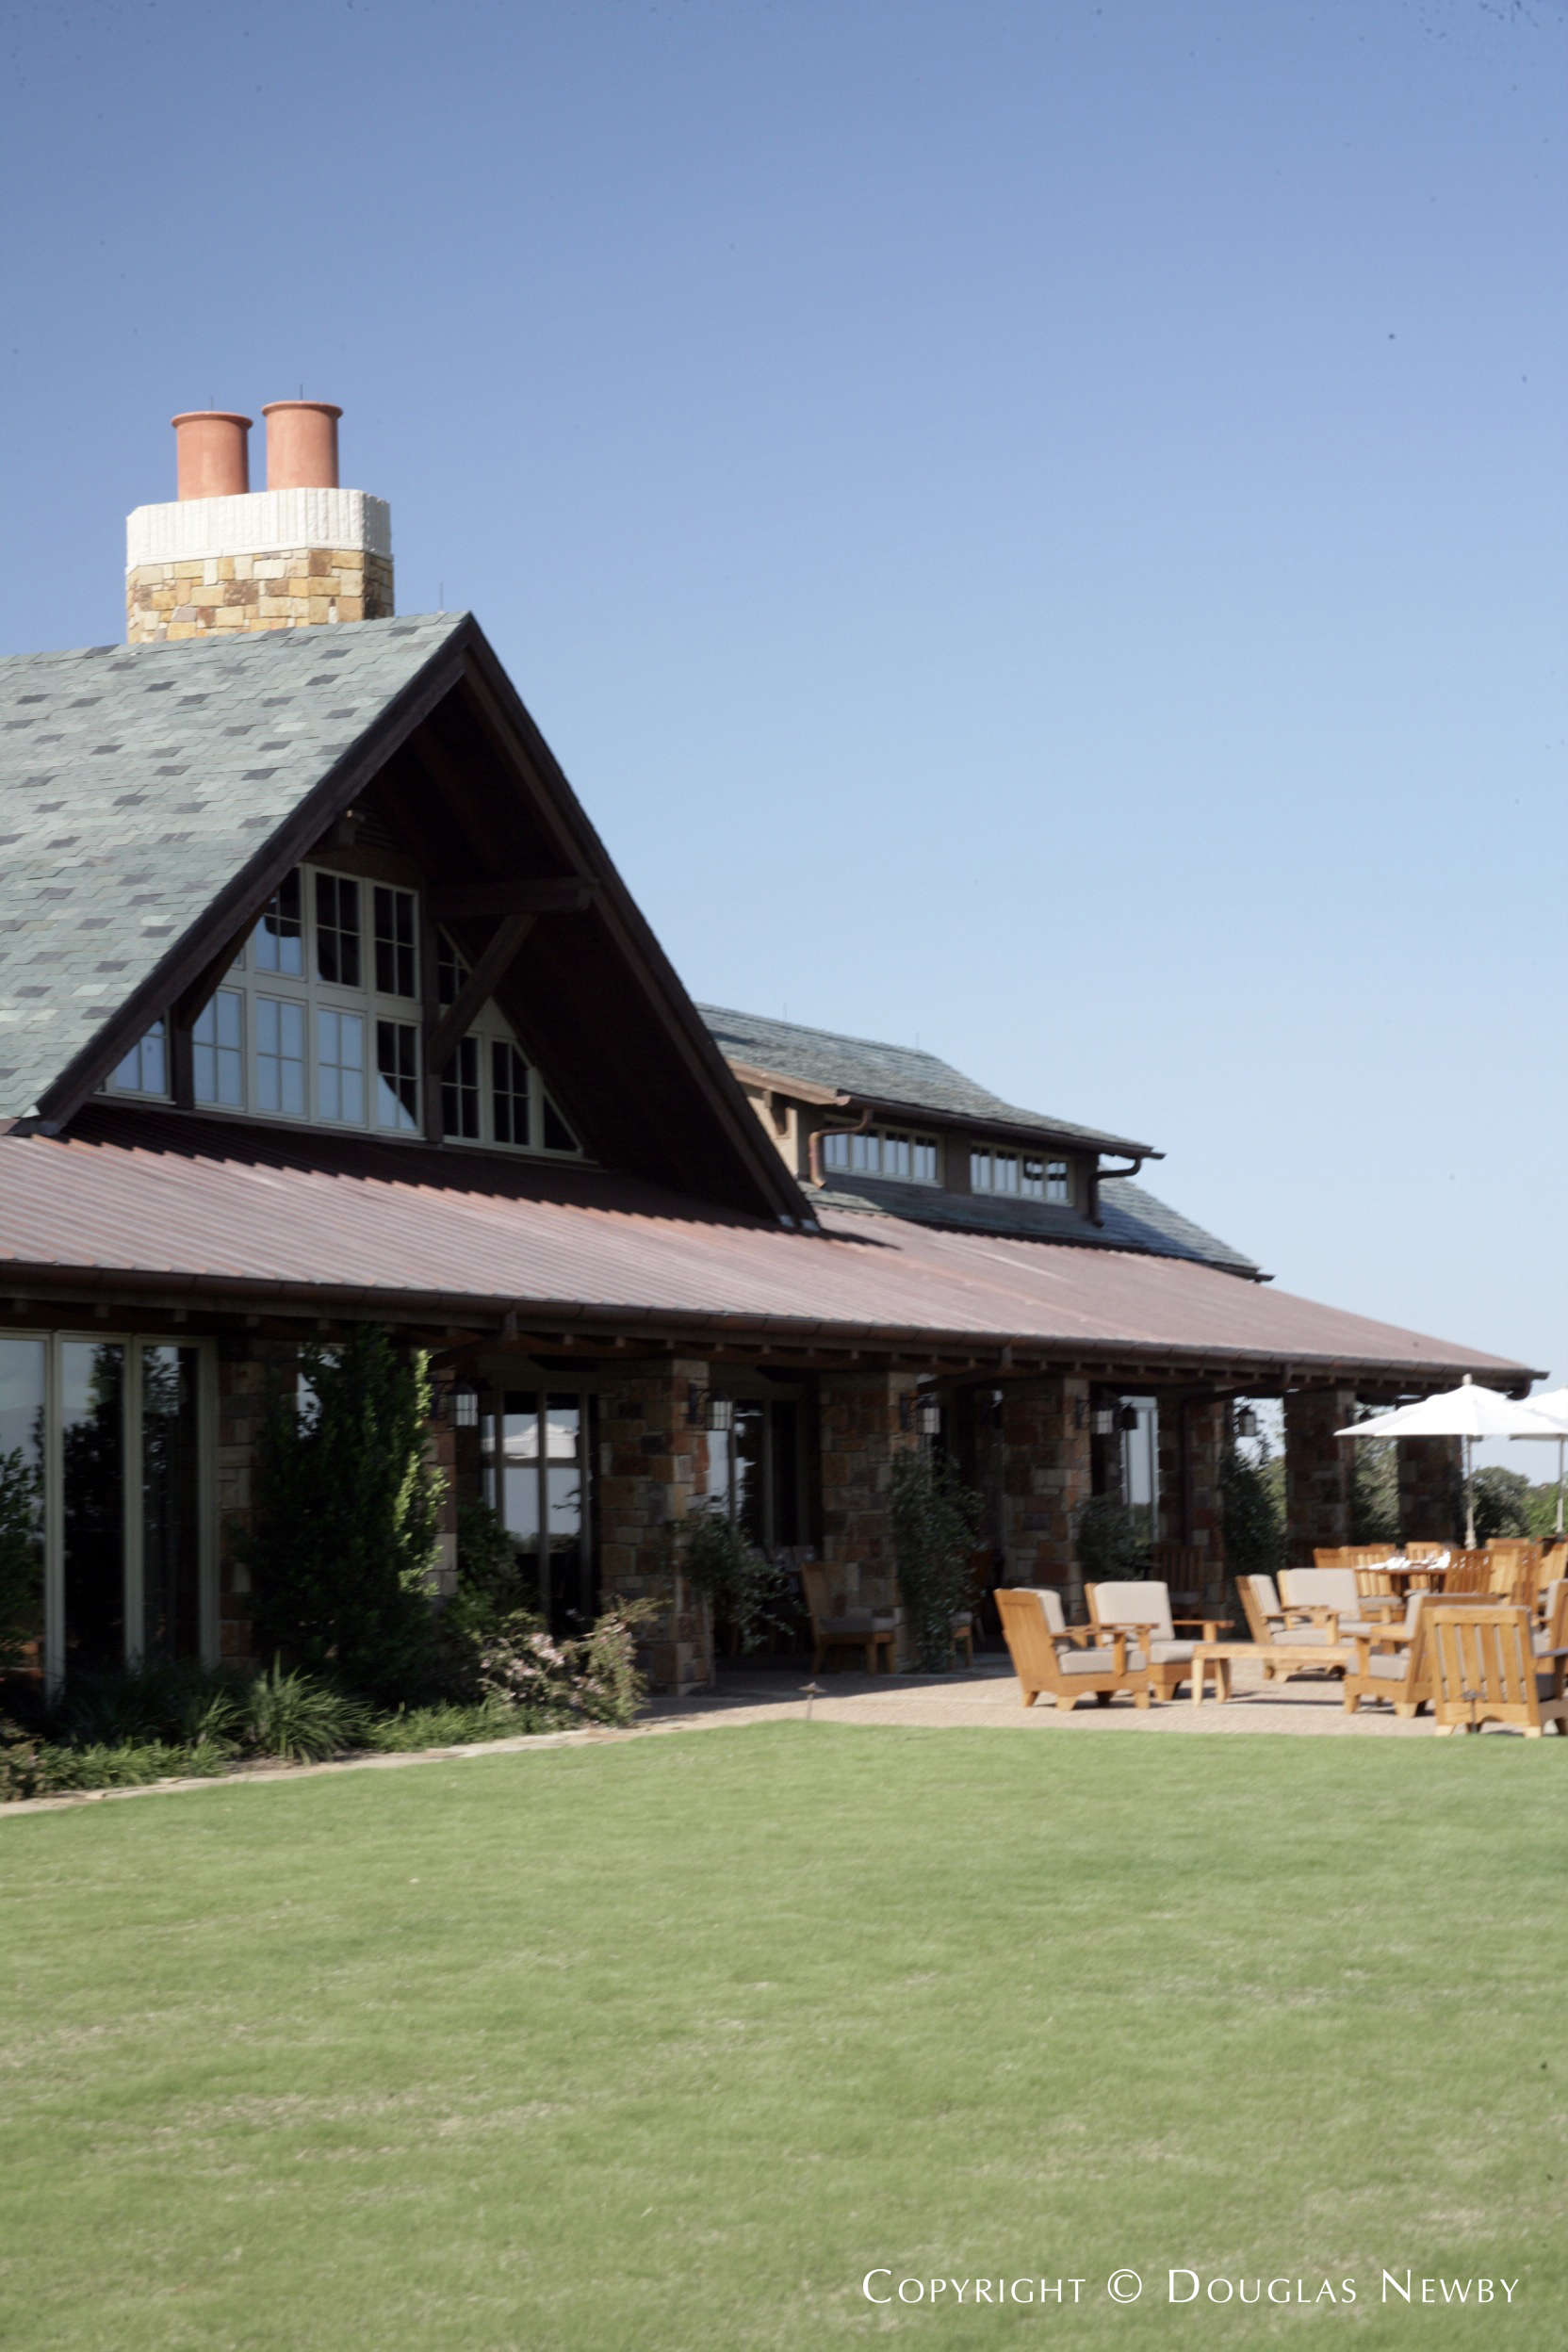 Real Estate in Vaquero Club, Texas